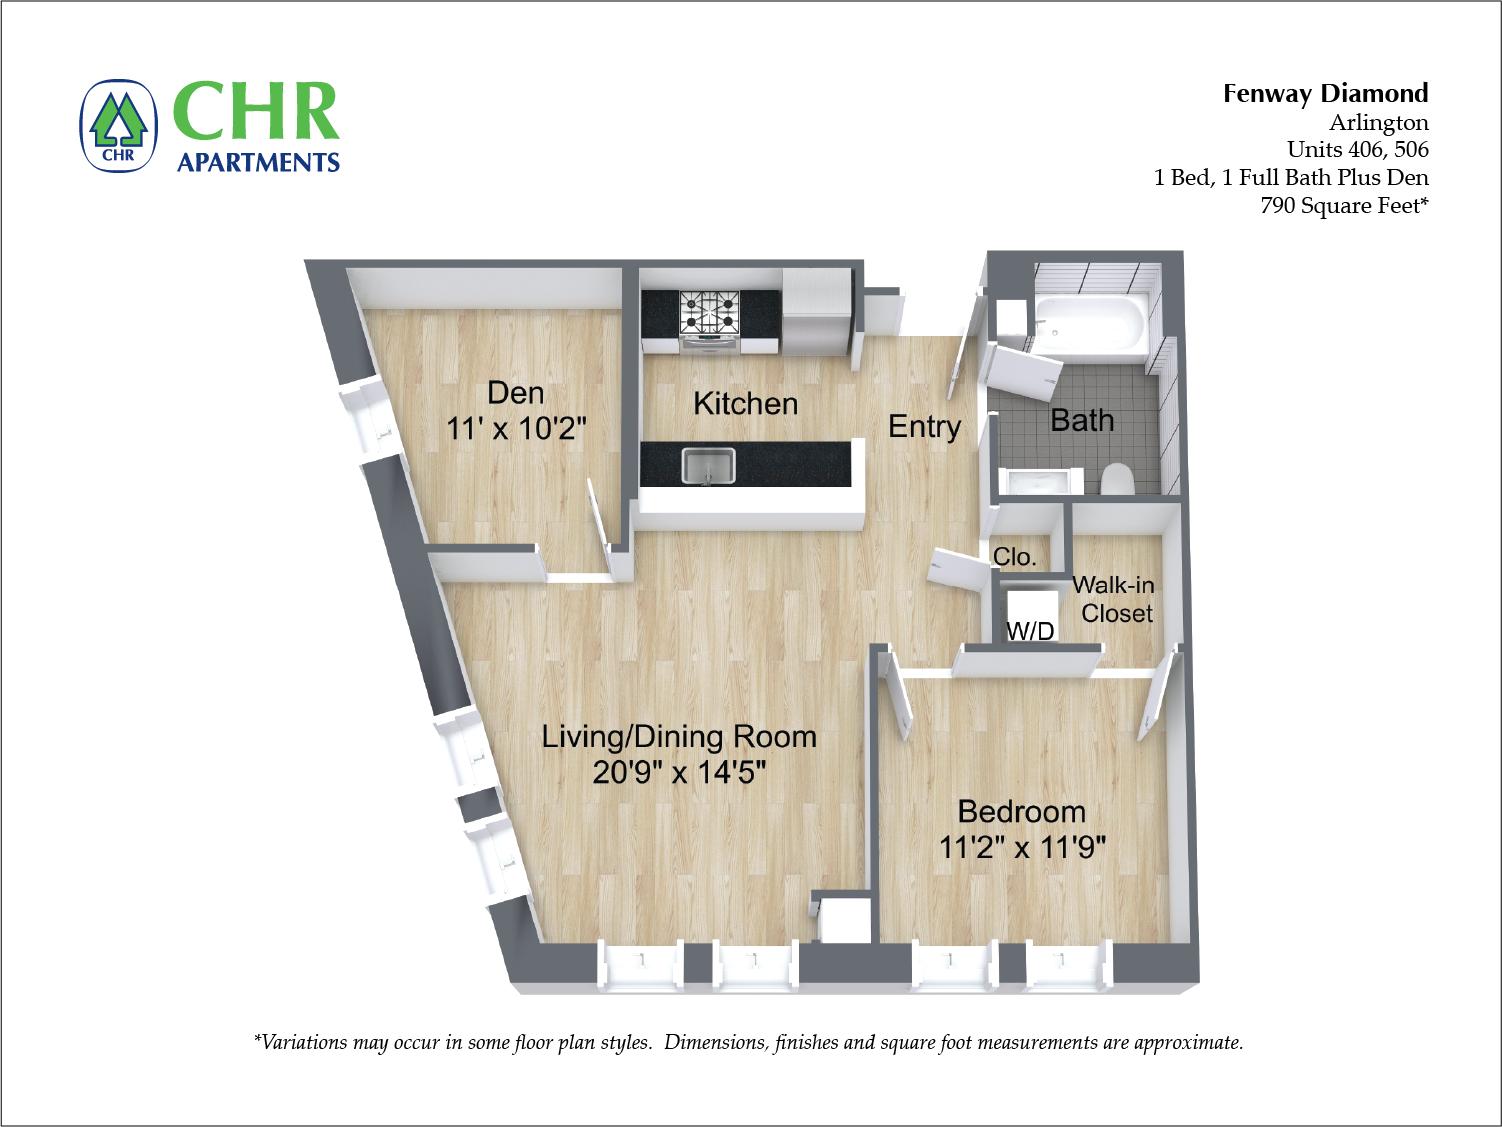 Click to view 2 Bedroom with Open Floorplan floor plan gallery